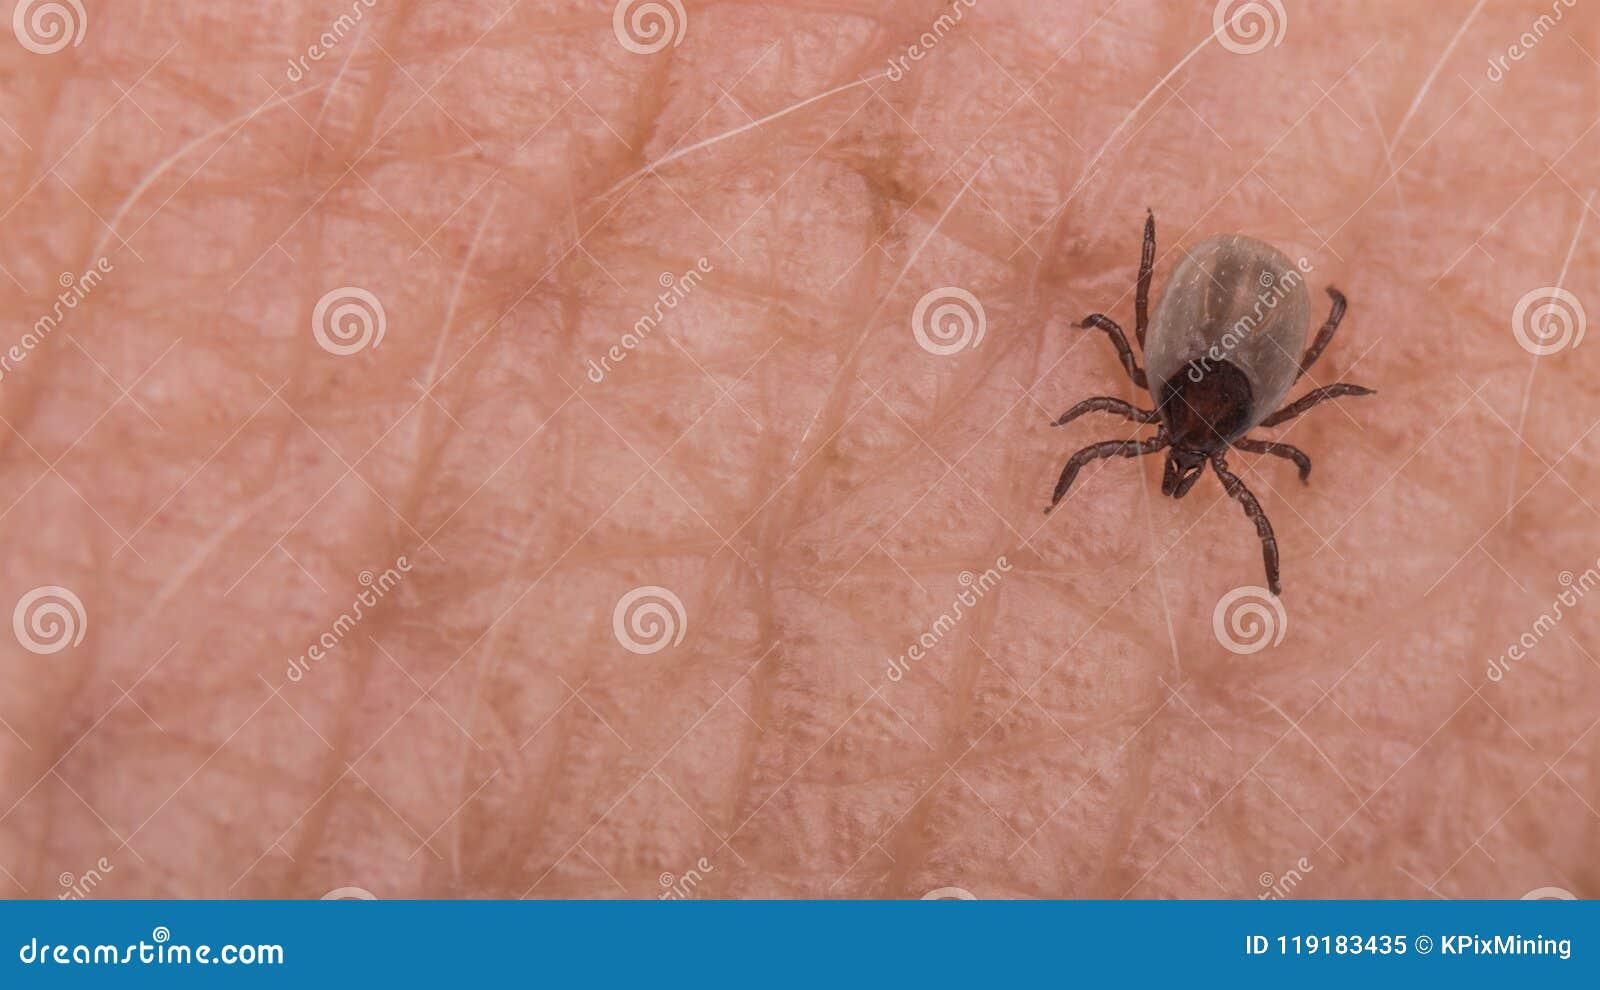 Kleine Rotwildzecke auf menschlicher Hautnahaufnahme Ixodes Ricinus